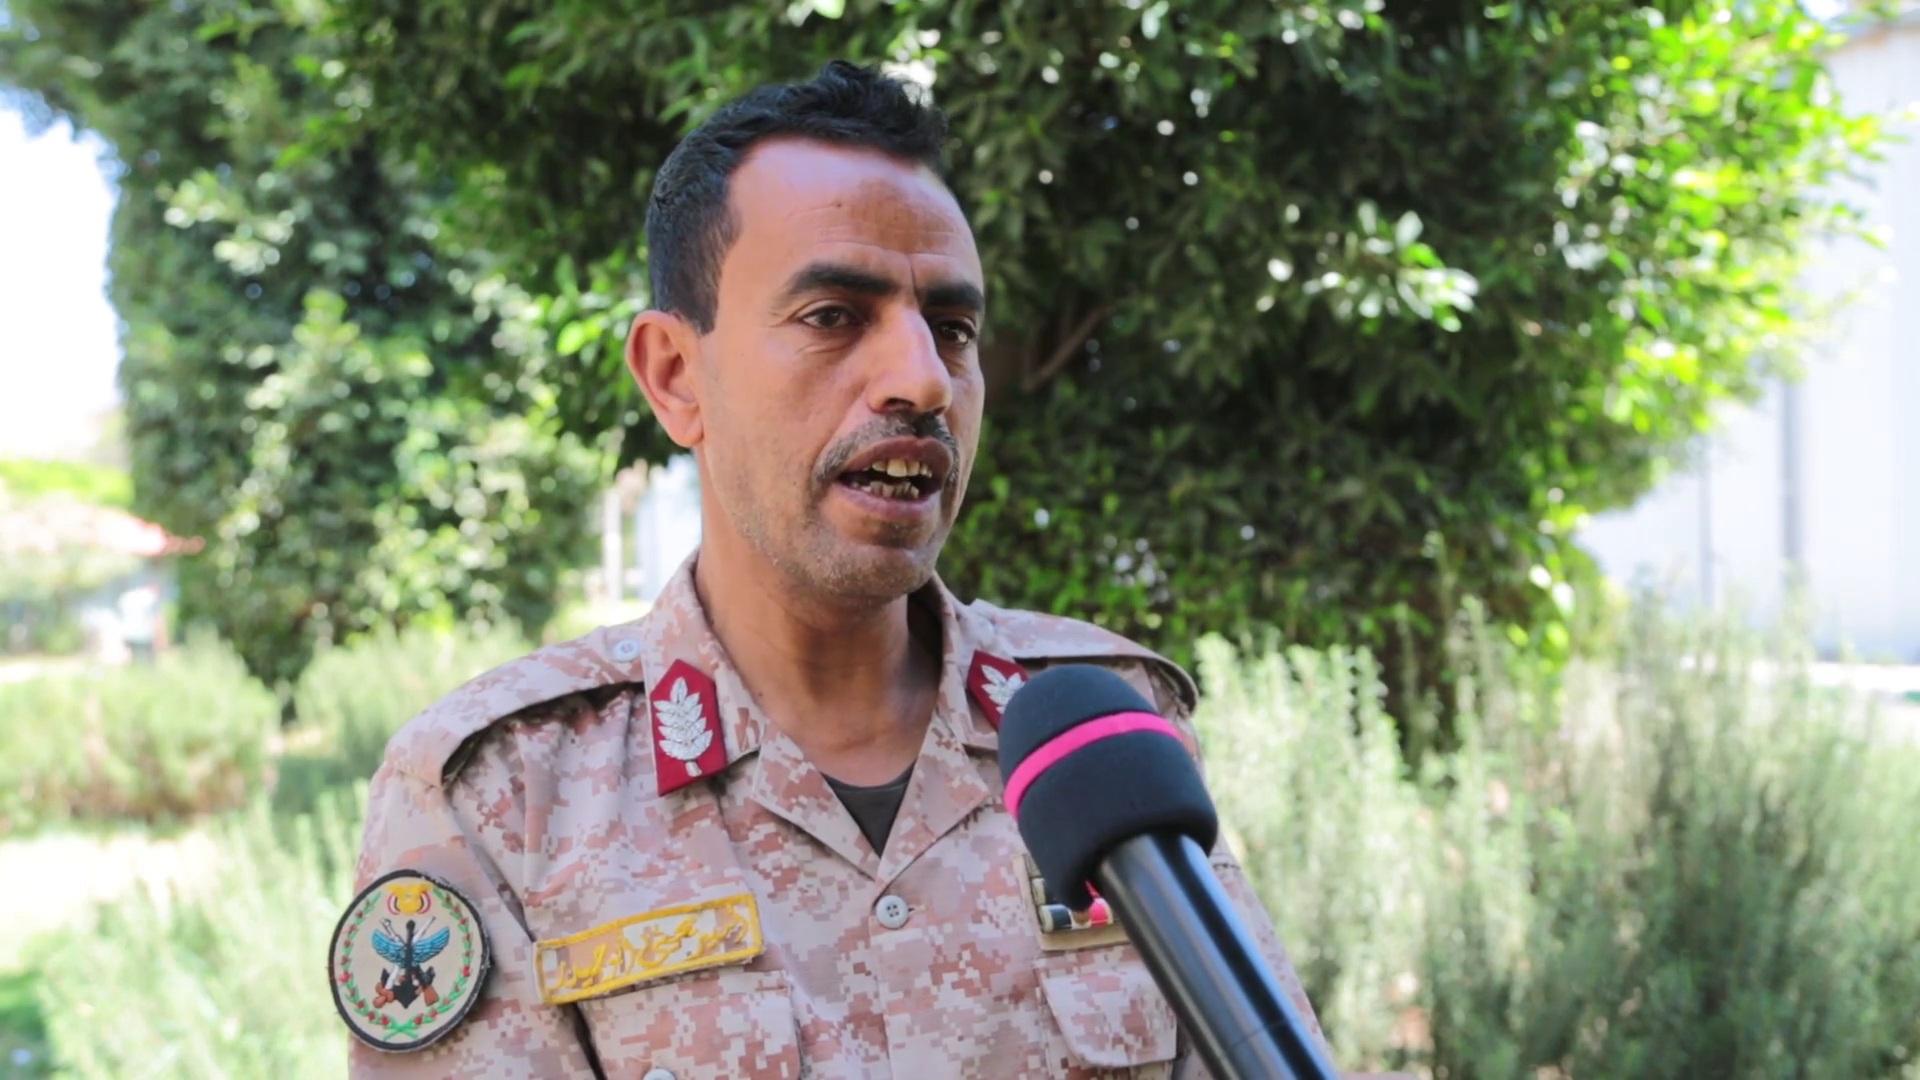 اليمن | محلل عسكري: الجرائم يتحملها الأمريكيون والبريطانيون أما السعودية والامارات فهم الأدوات